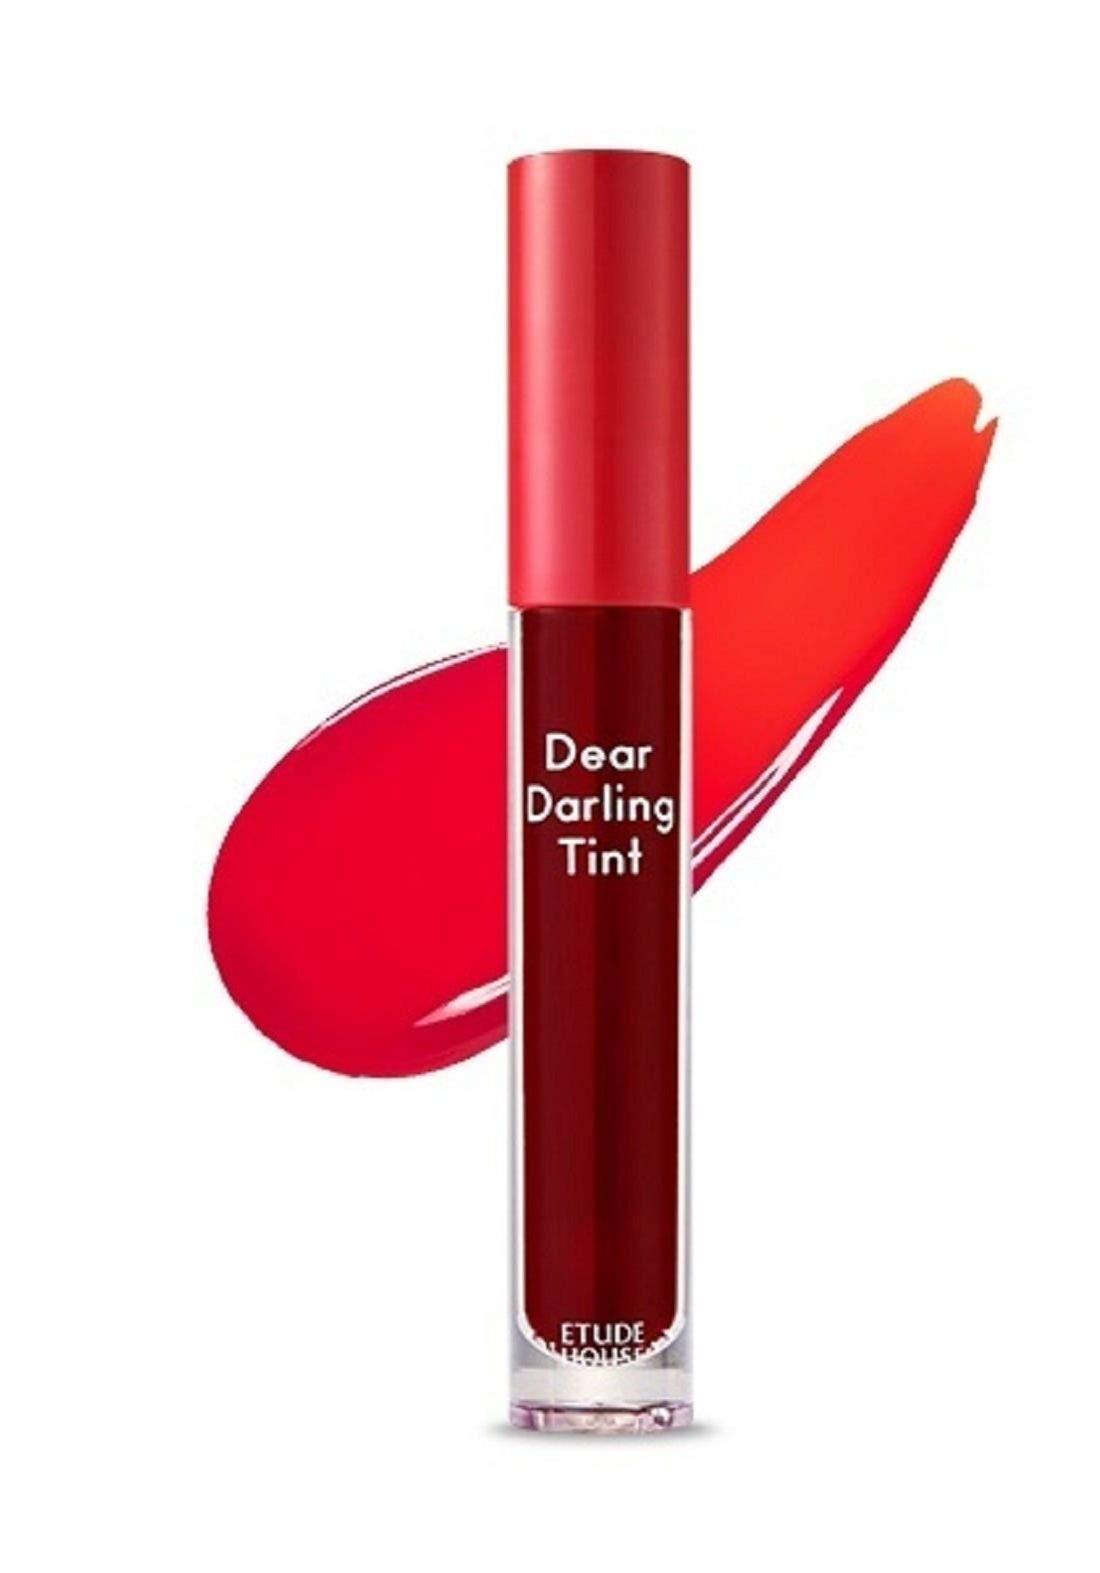 Dear Darling Lip Tint - OR204 تنت كوري من أيتود هاوس